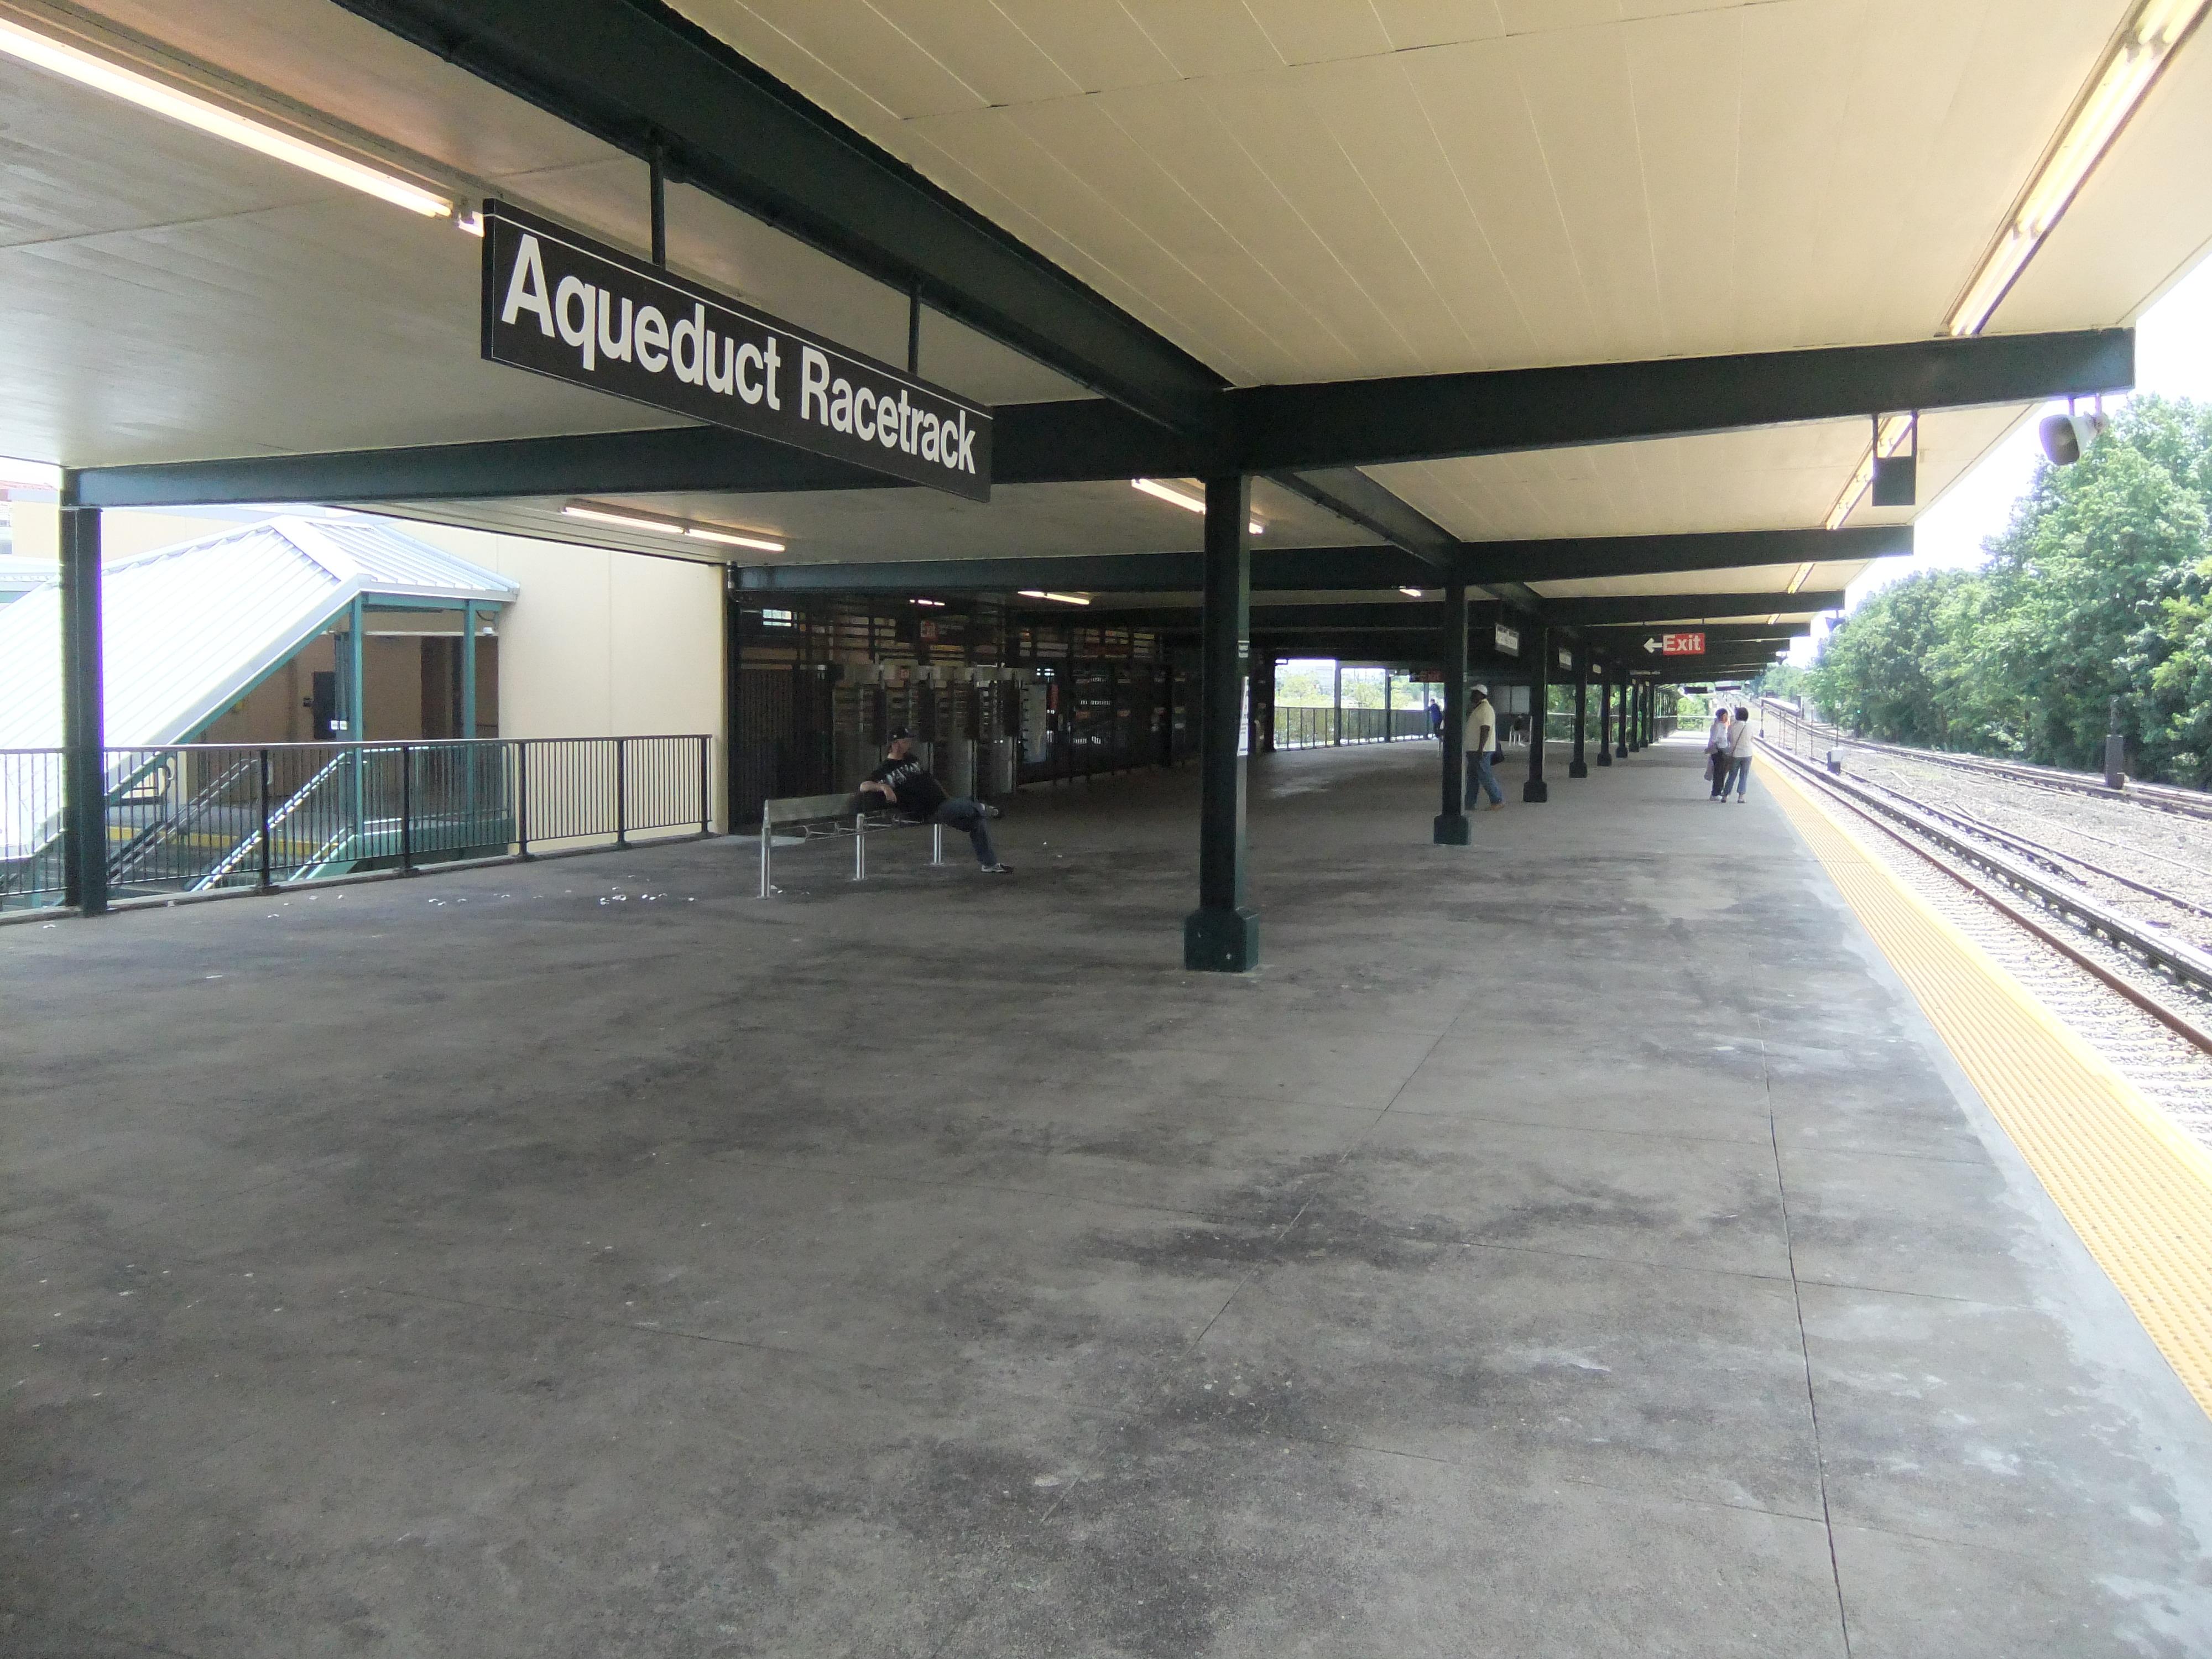 Aqueduct Racetrack